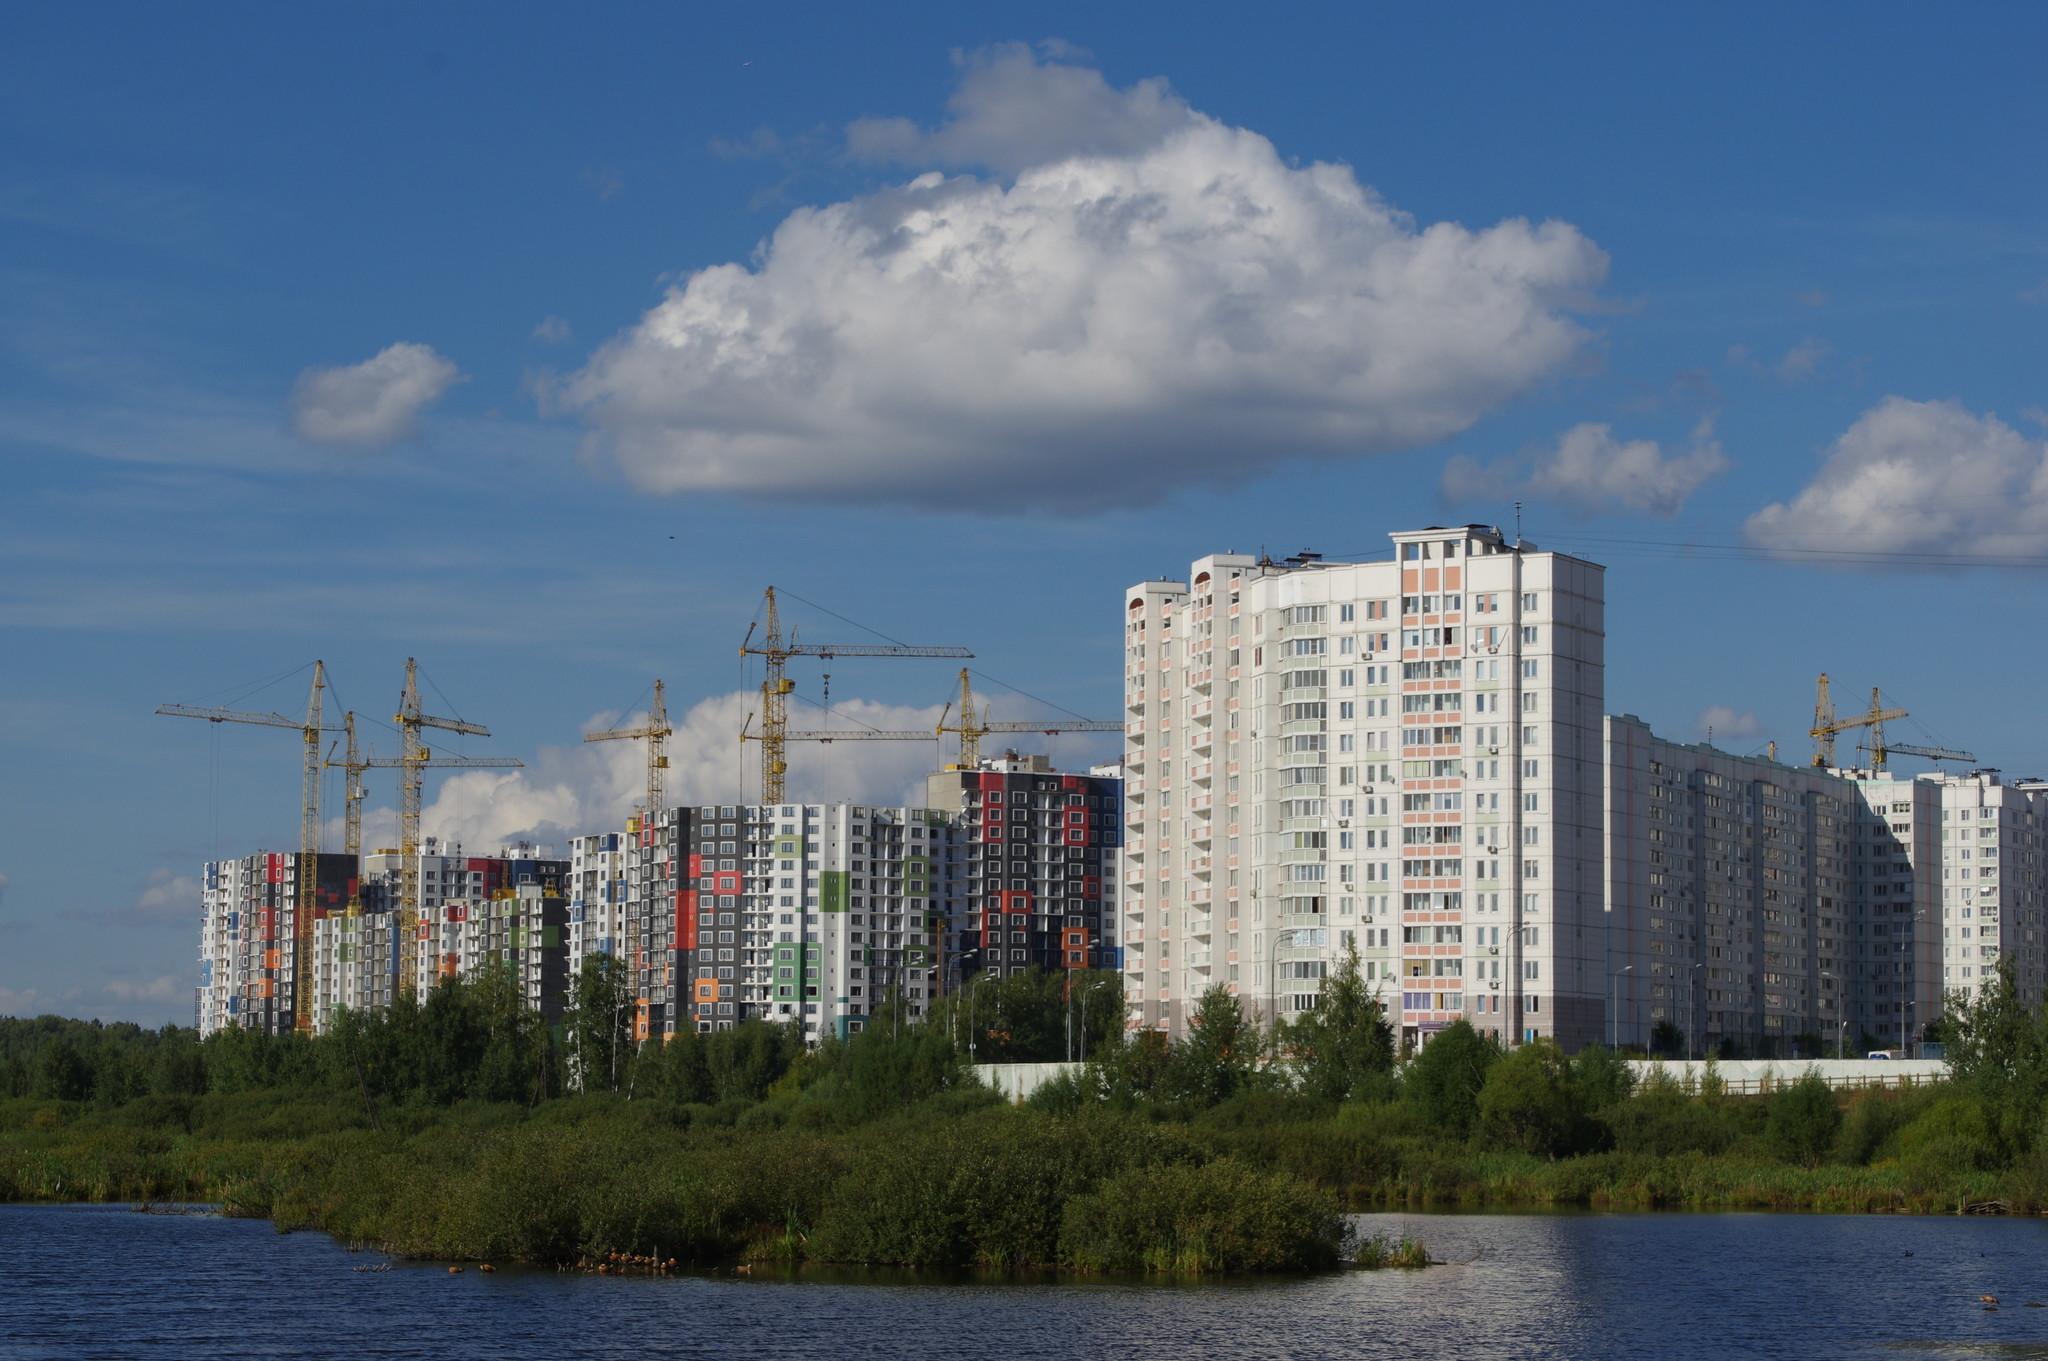 Cтроительство жилых домов с нежилым первым этажом по адресу: г. Москва, СВАО, район Северный, Дмитровское шоссе, владение 167 (1-я очередь)